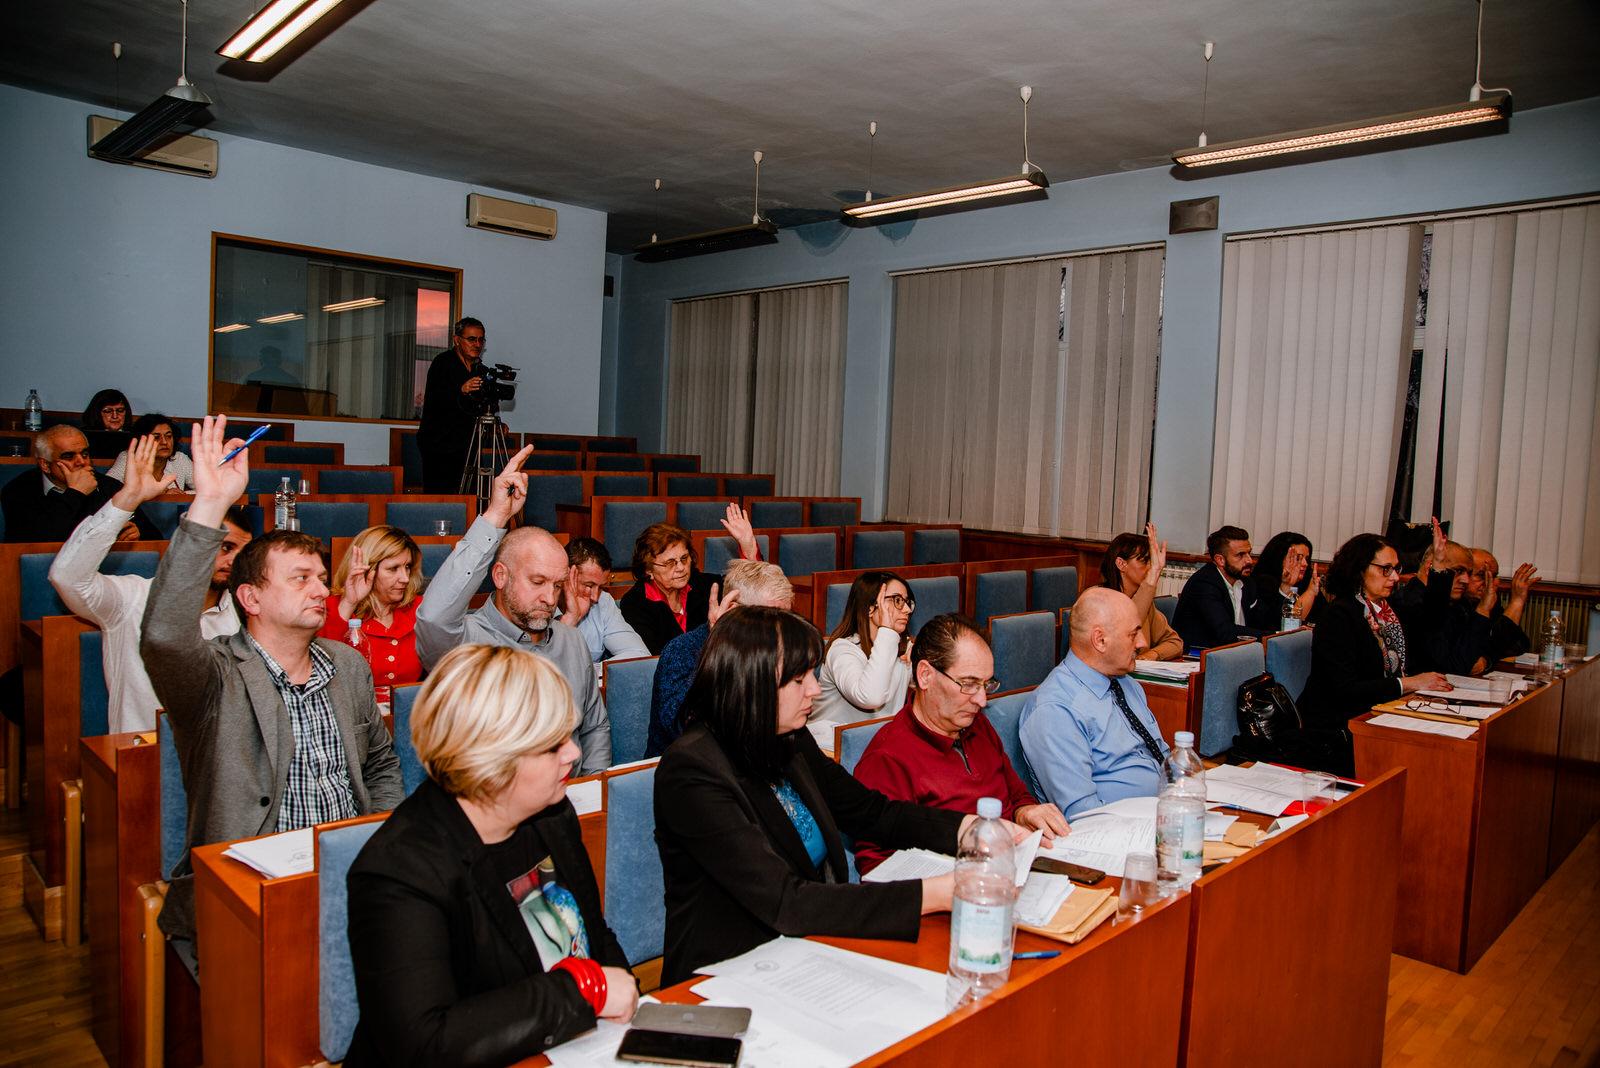 likaclub_27-sjednica-gradskog-vijeća_proračun_2019-31